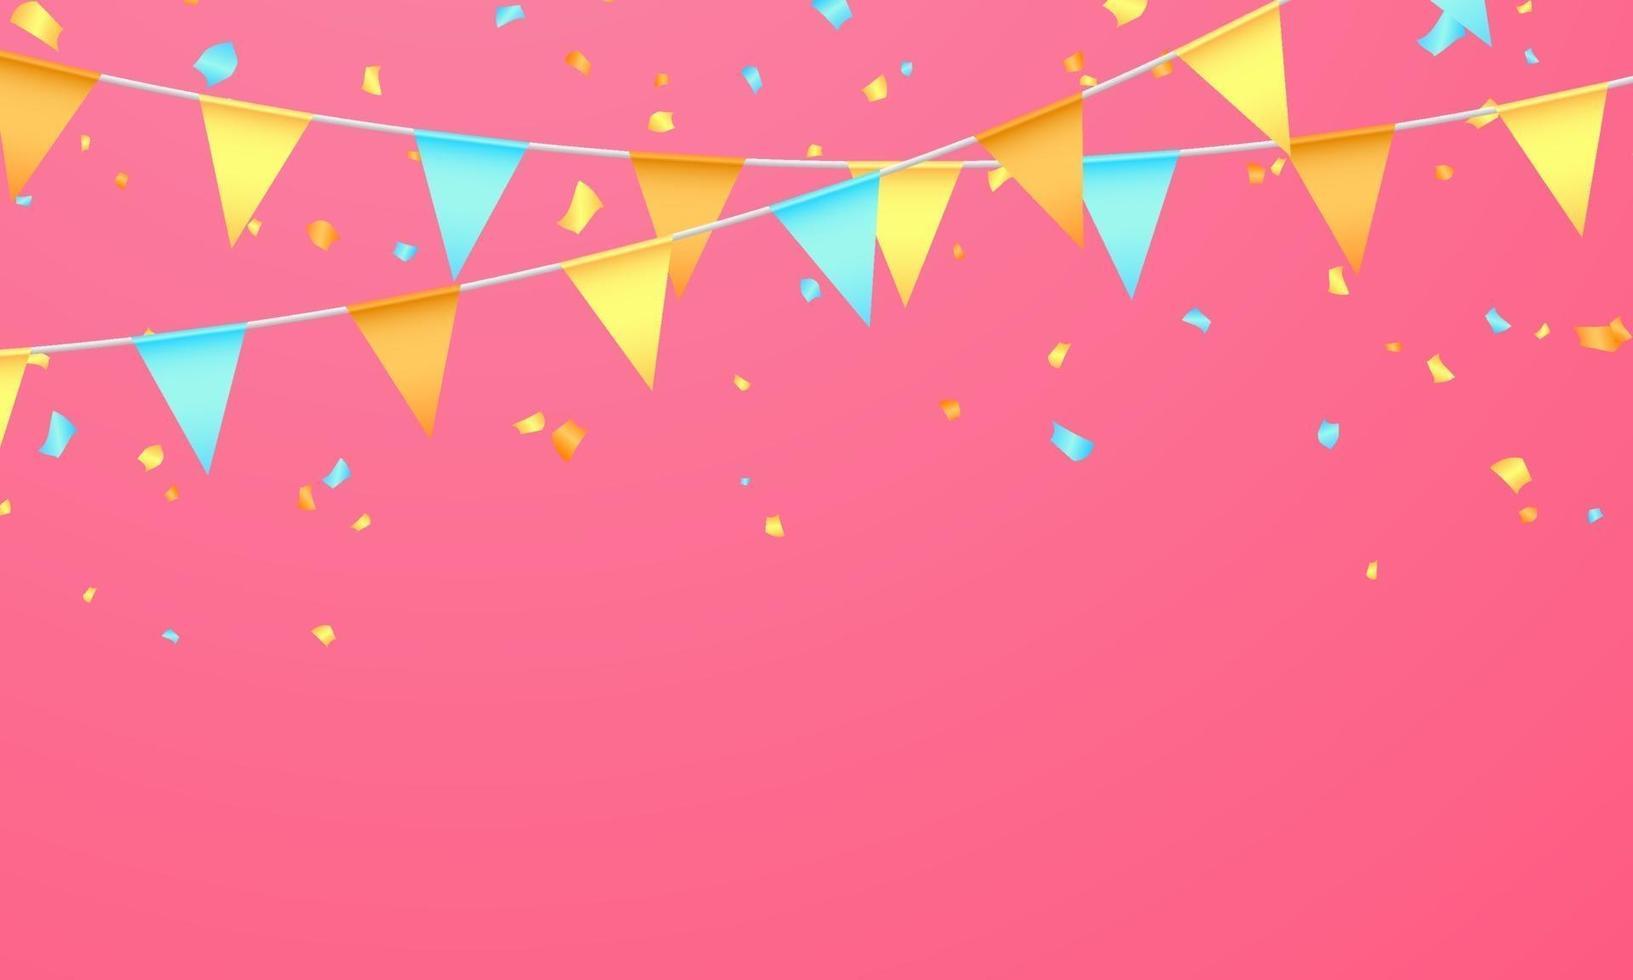 bandera color concepto diseño plantilla vacaciones feliz día, celebración de fondo ilustración vectorial. vector